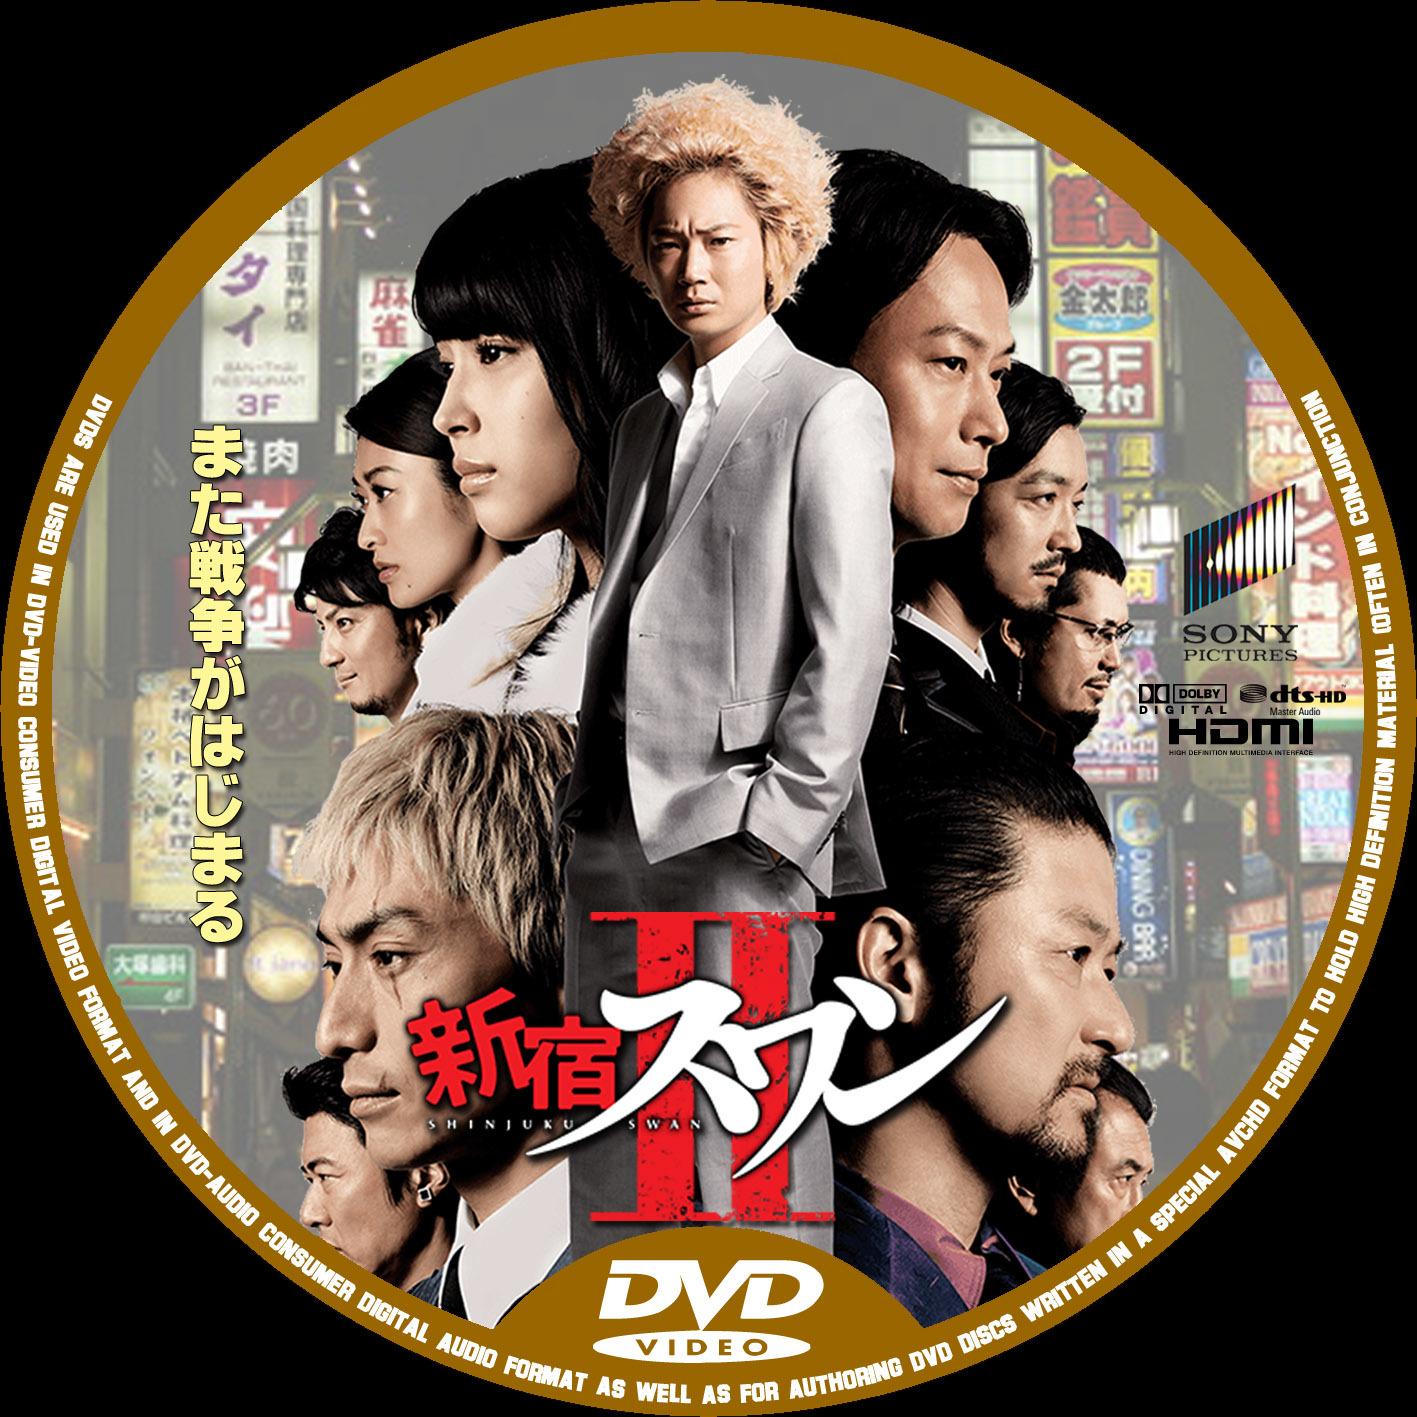 DVD ラベル 1